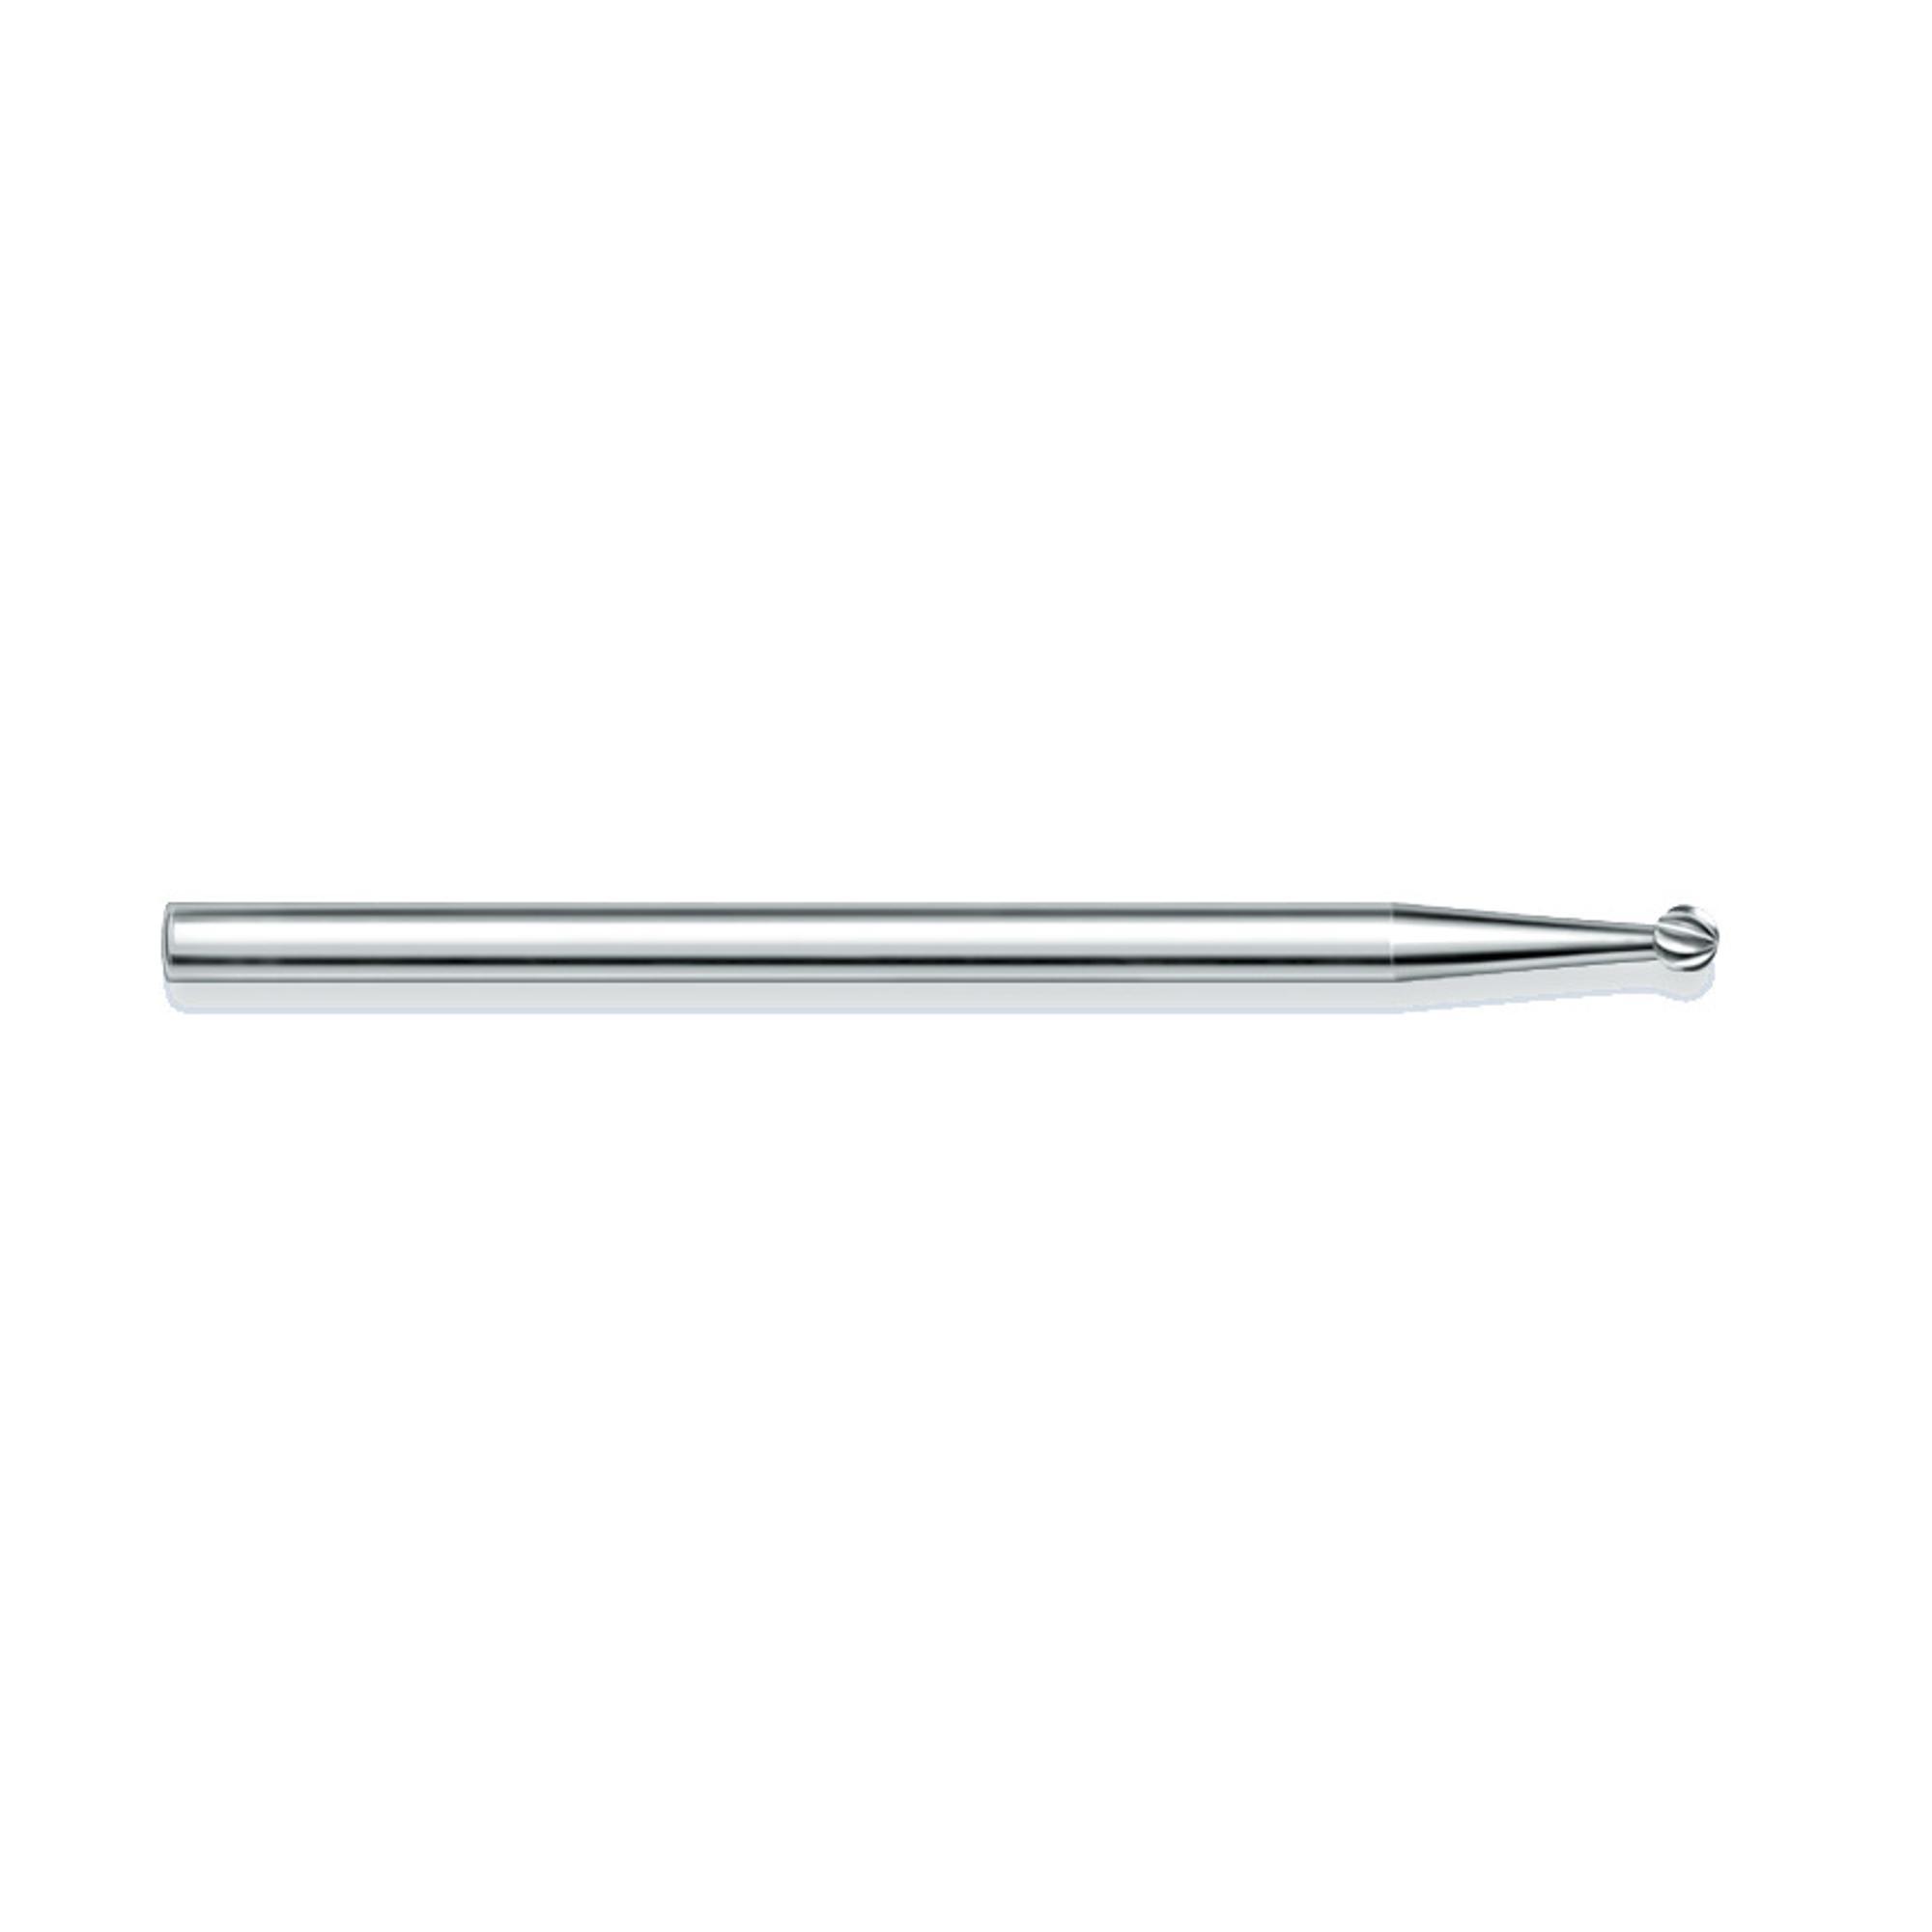 Fraise 1RS - Acier inoxydable - Enucléation des cors - 1,6 mm